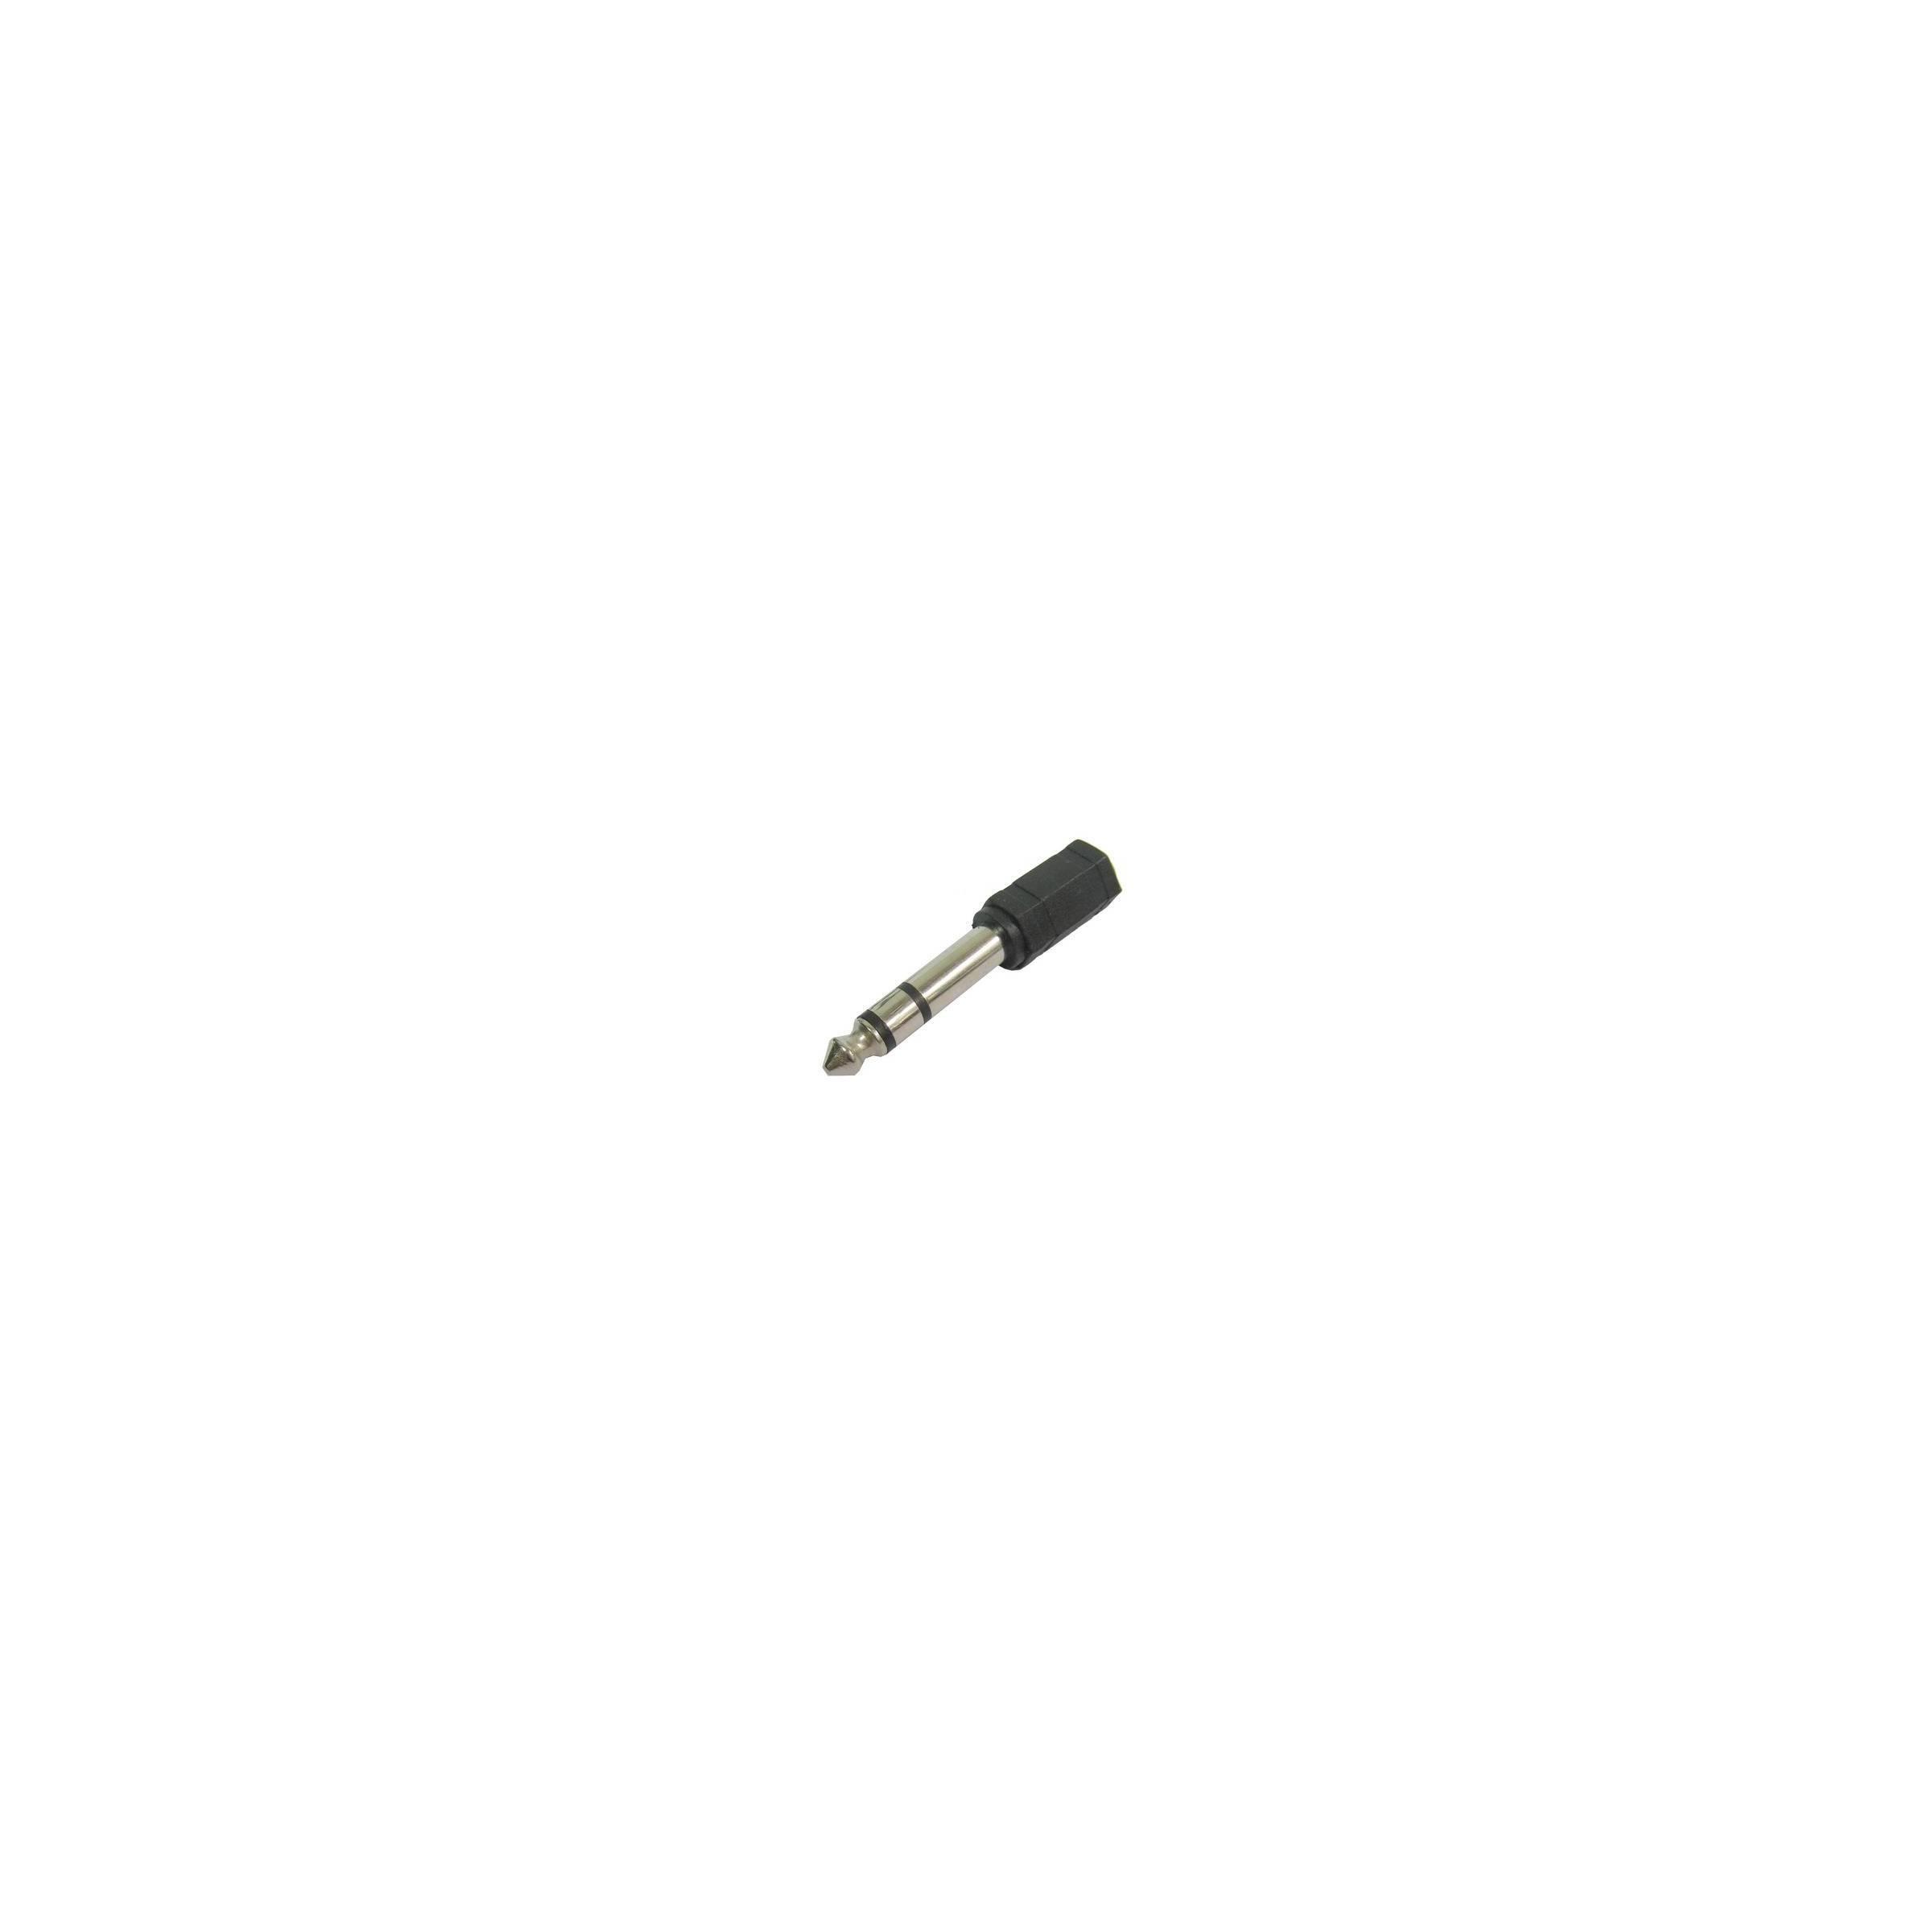 kina oem – Mini jack (3,5mm) til jack adapter(6,35mm) stereo fra mackabler.dk